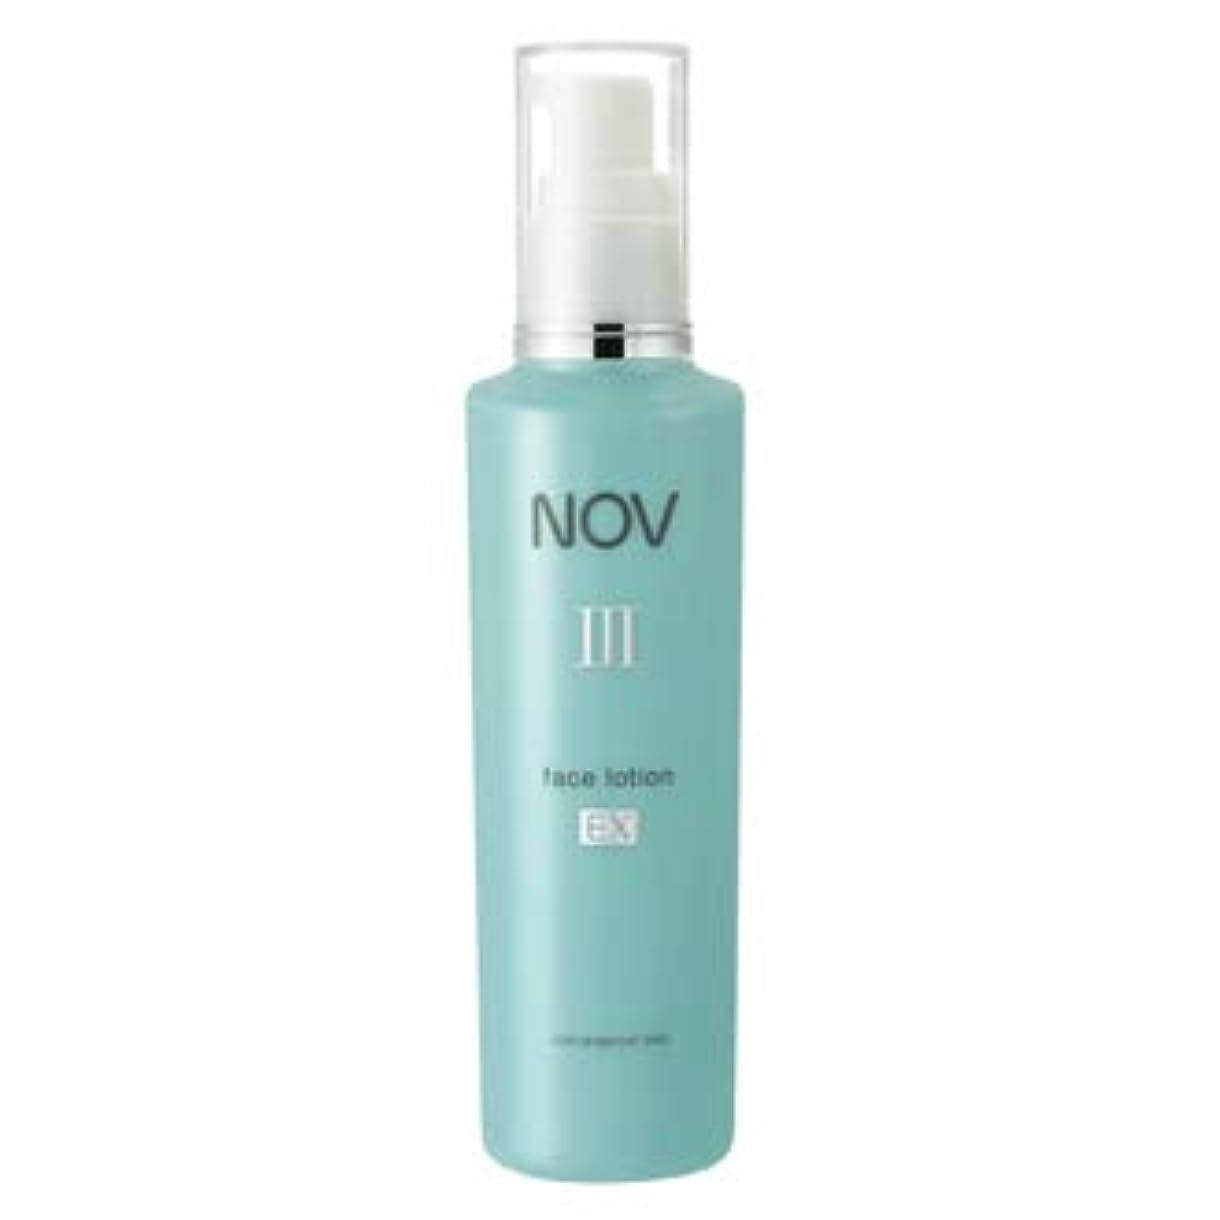 介入する予測お気に入りノブ Ⅲ フェイスローション EX 120ml 高保湿化粧水 [並行輸入品]